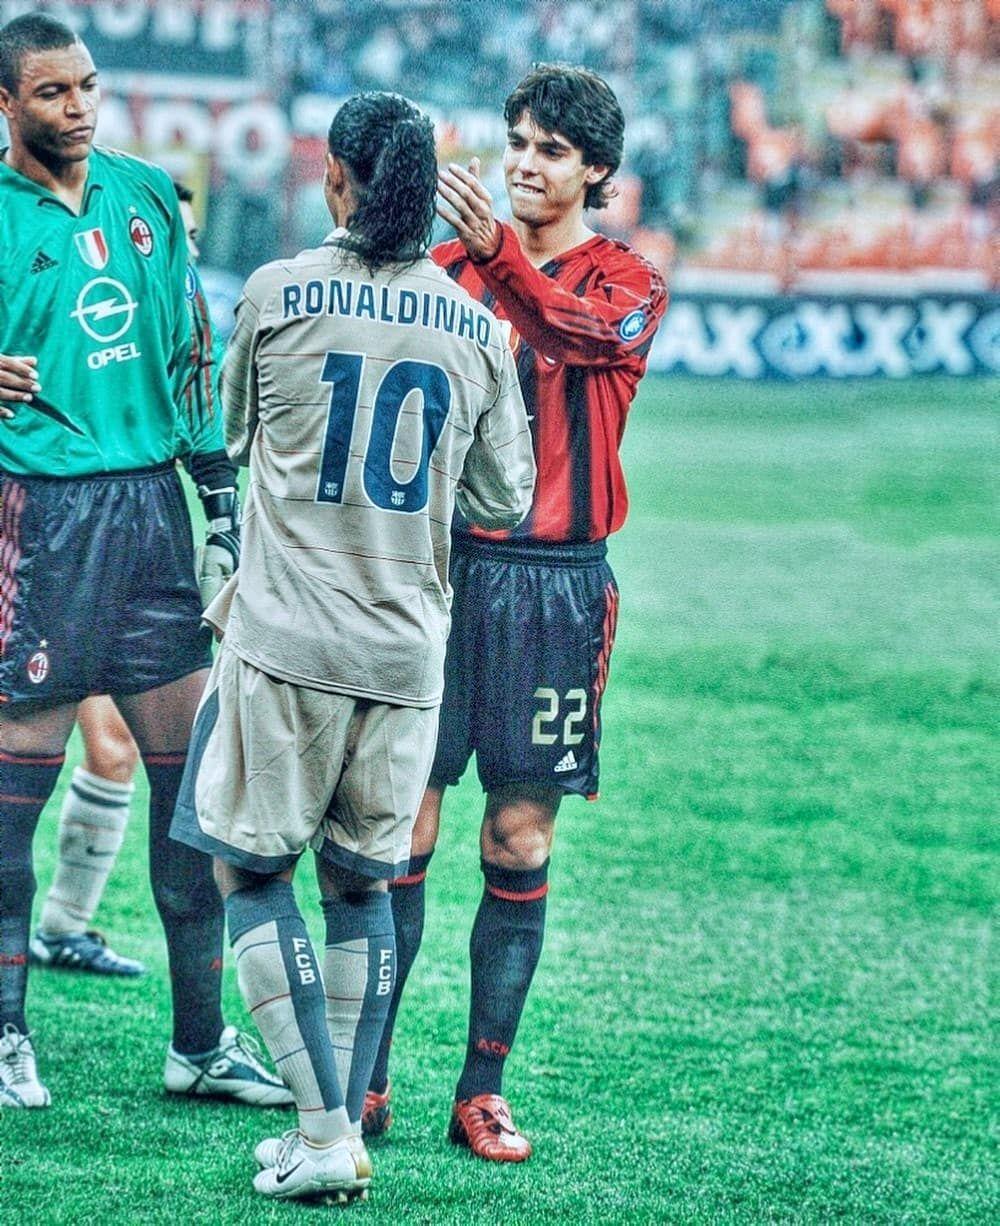 Dida Ronaldinho E Kaka With Images Football Players